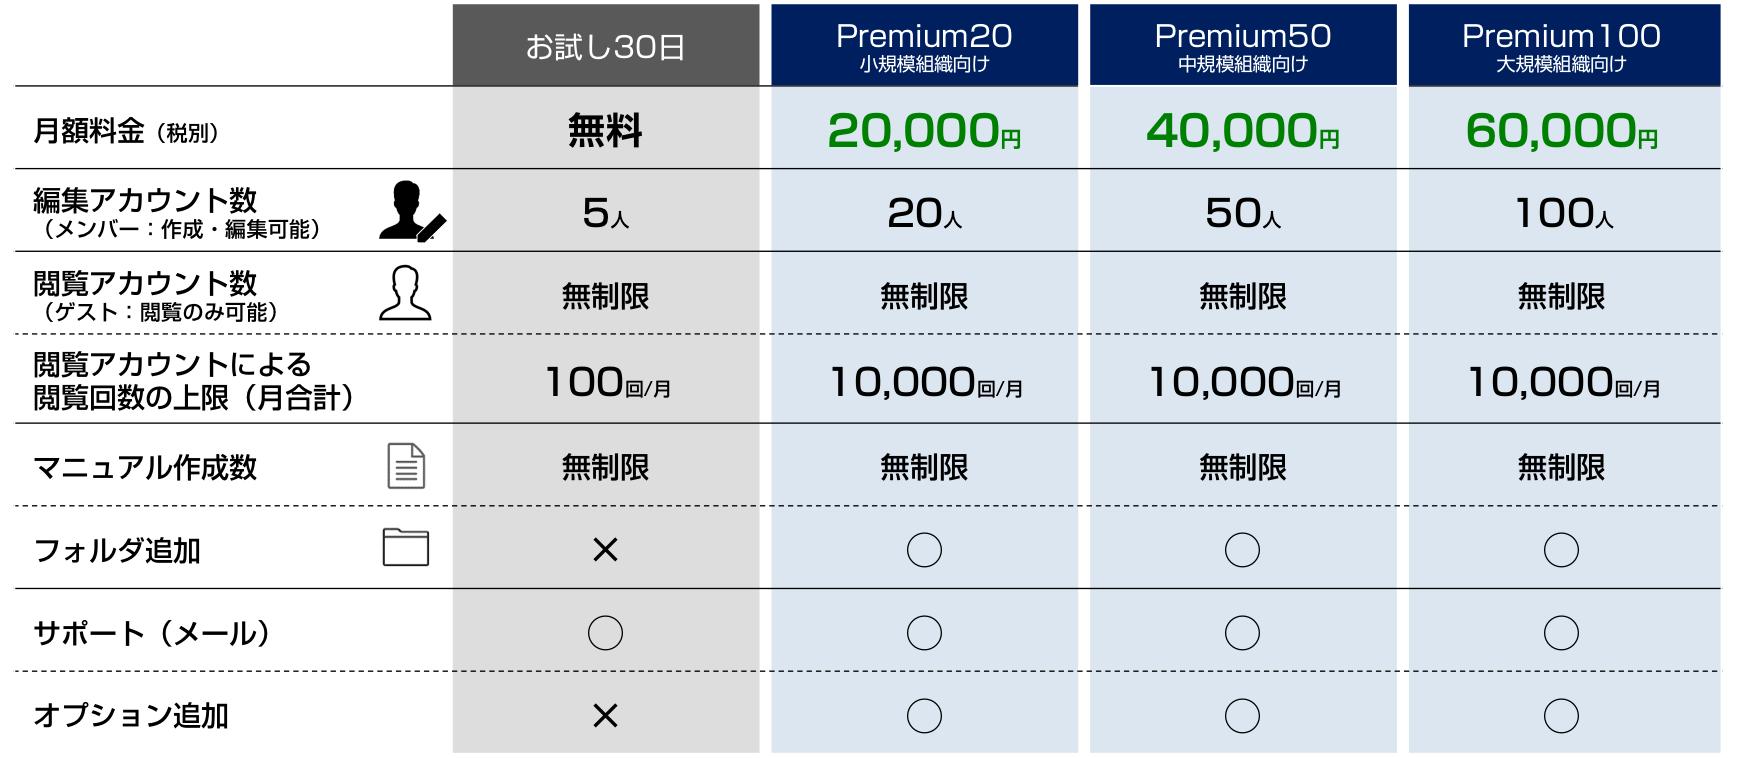 price_new_170401